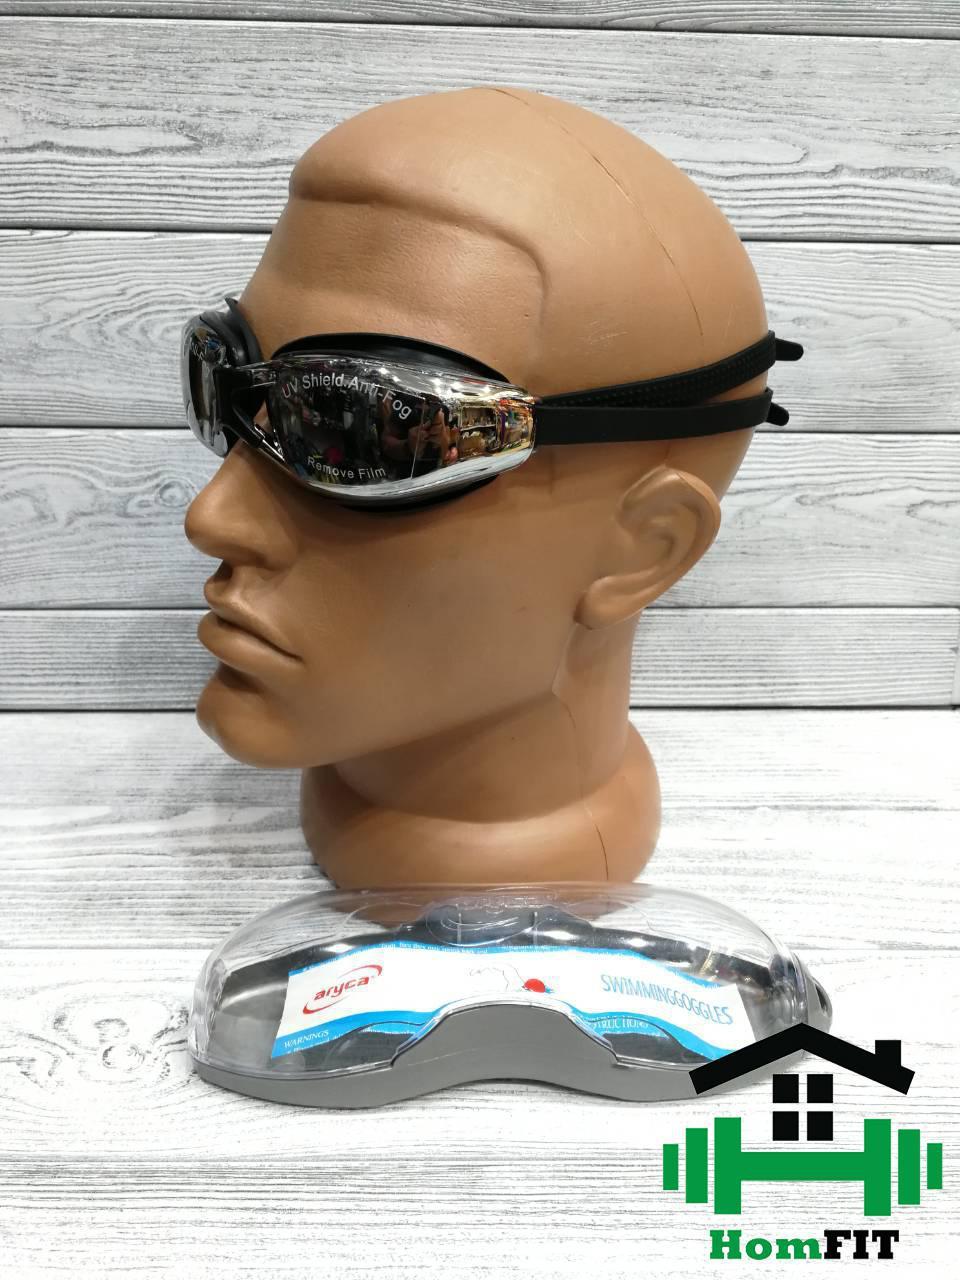 Очки для плавания с защитой от UV-лучей Aryca